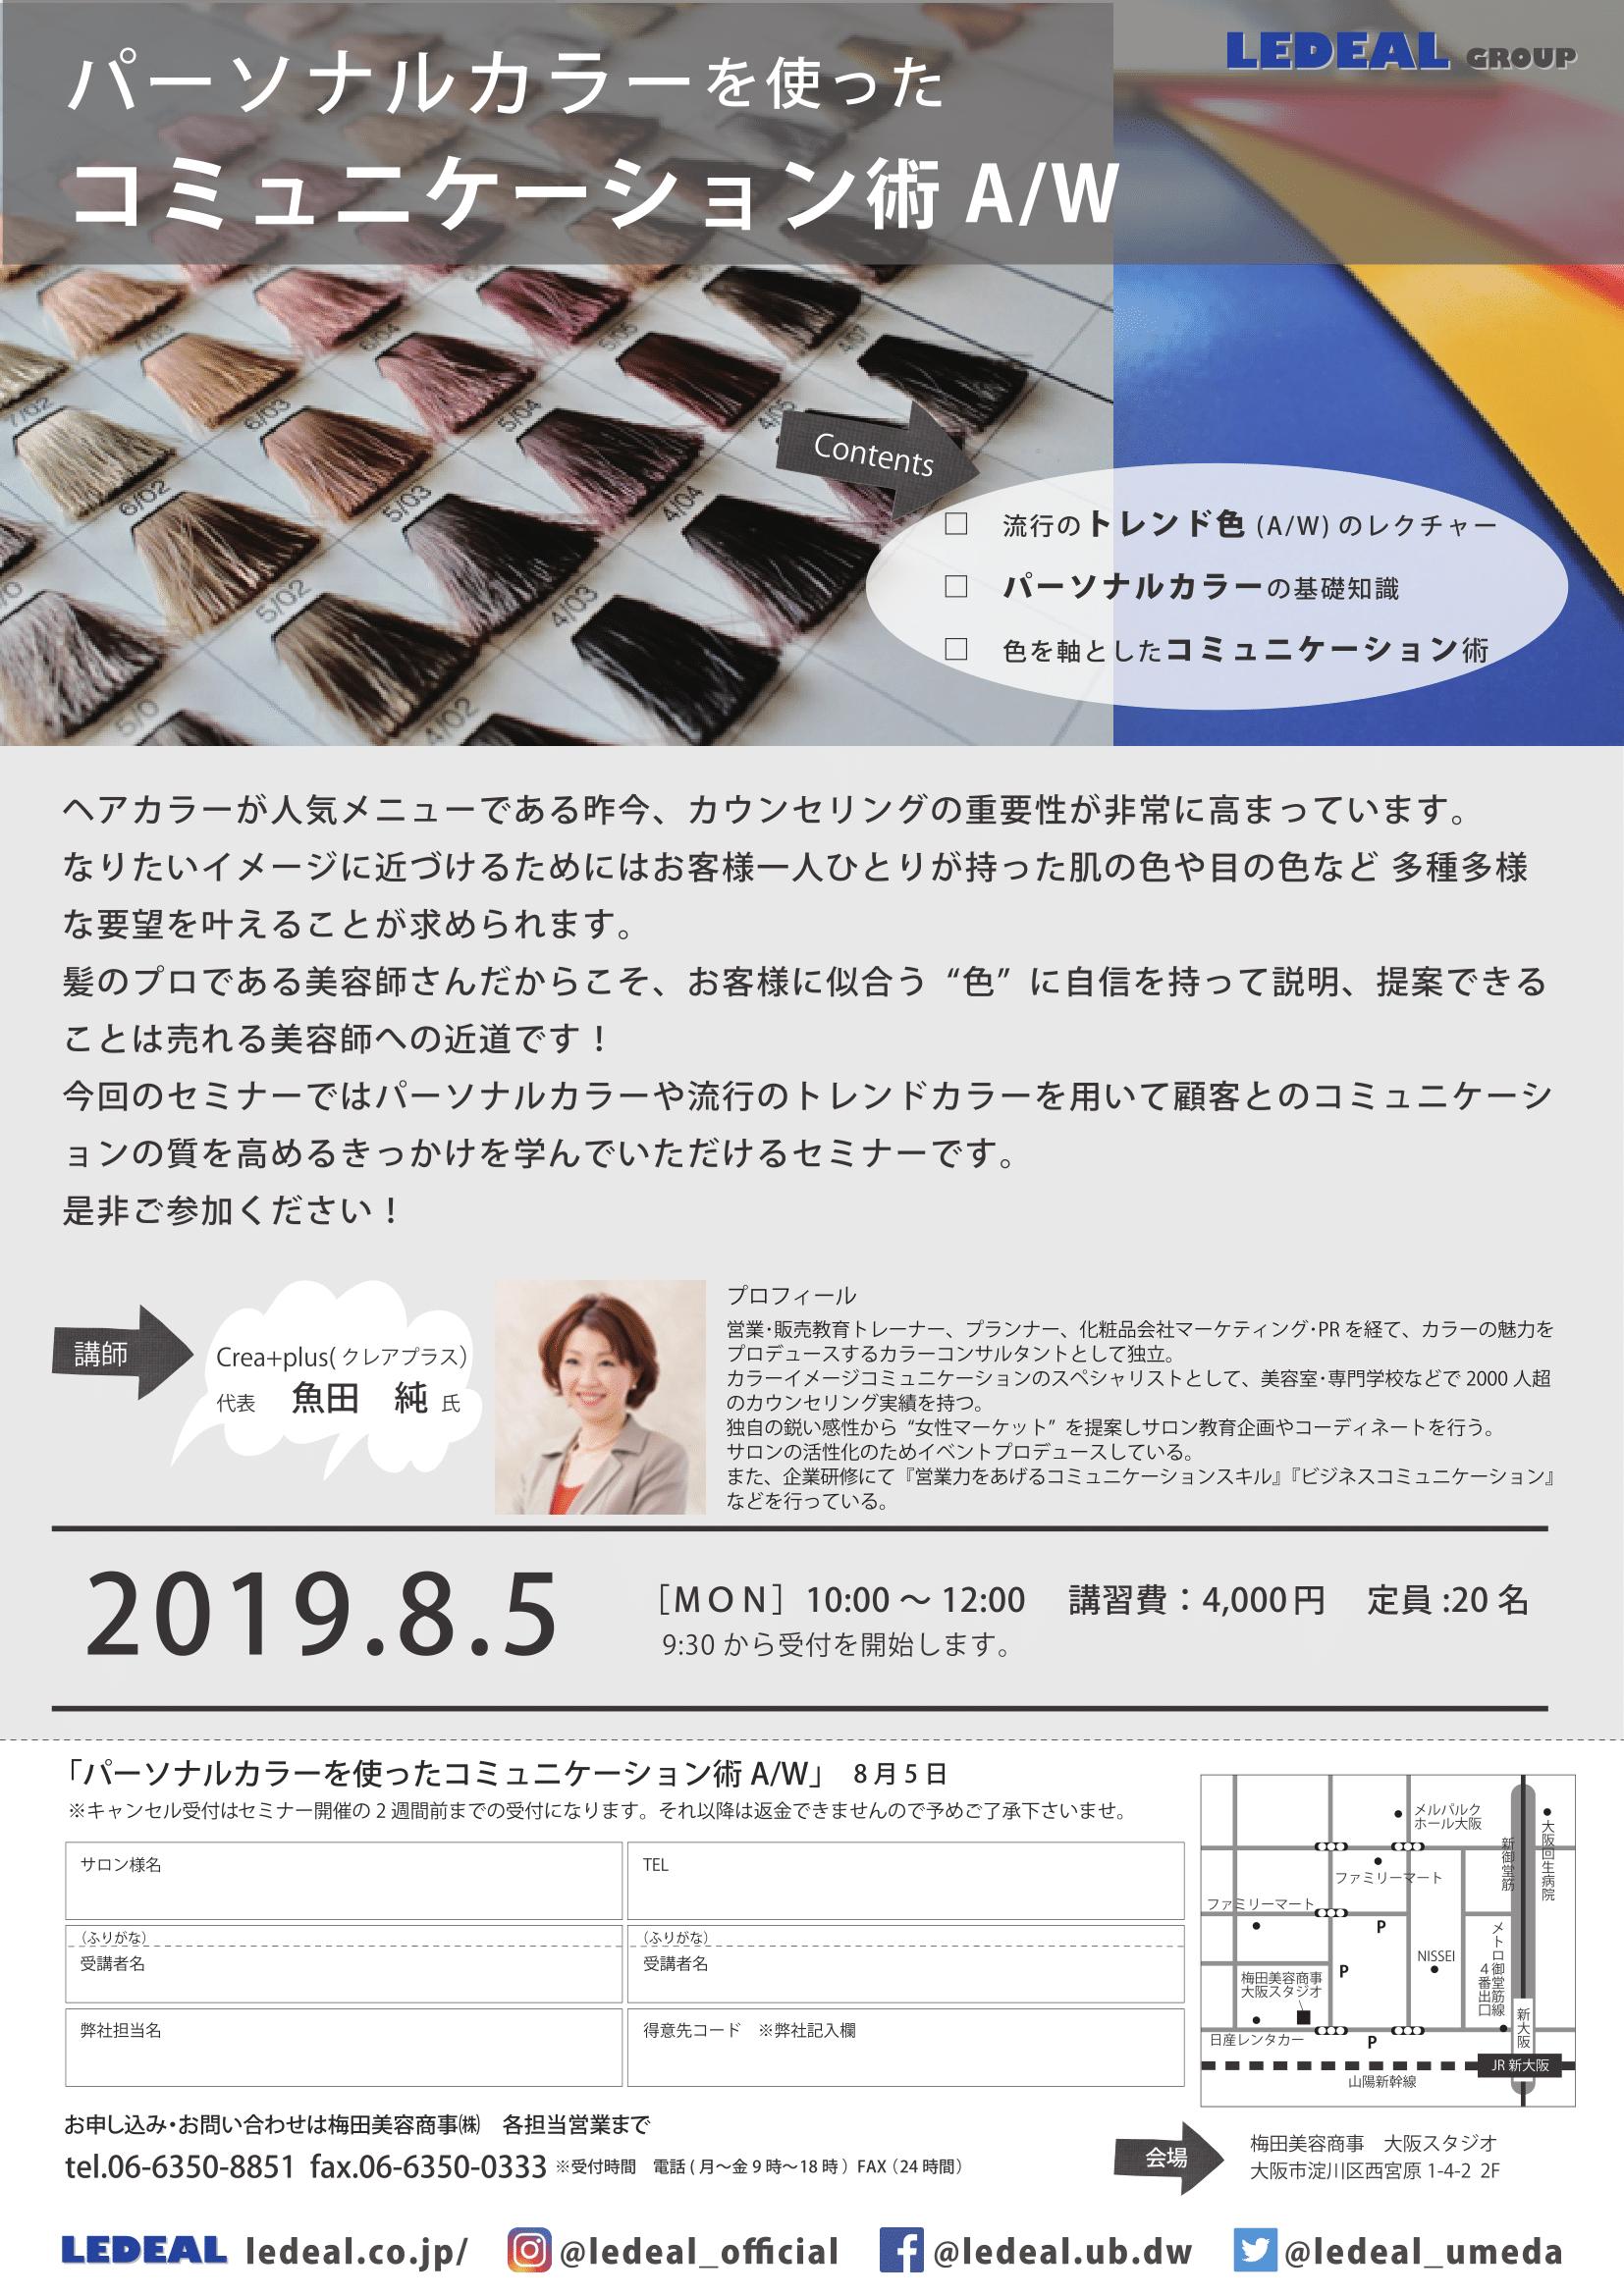 【大阪】パーソナルカラーを使ったコミュニケーション術 A/W